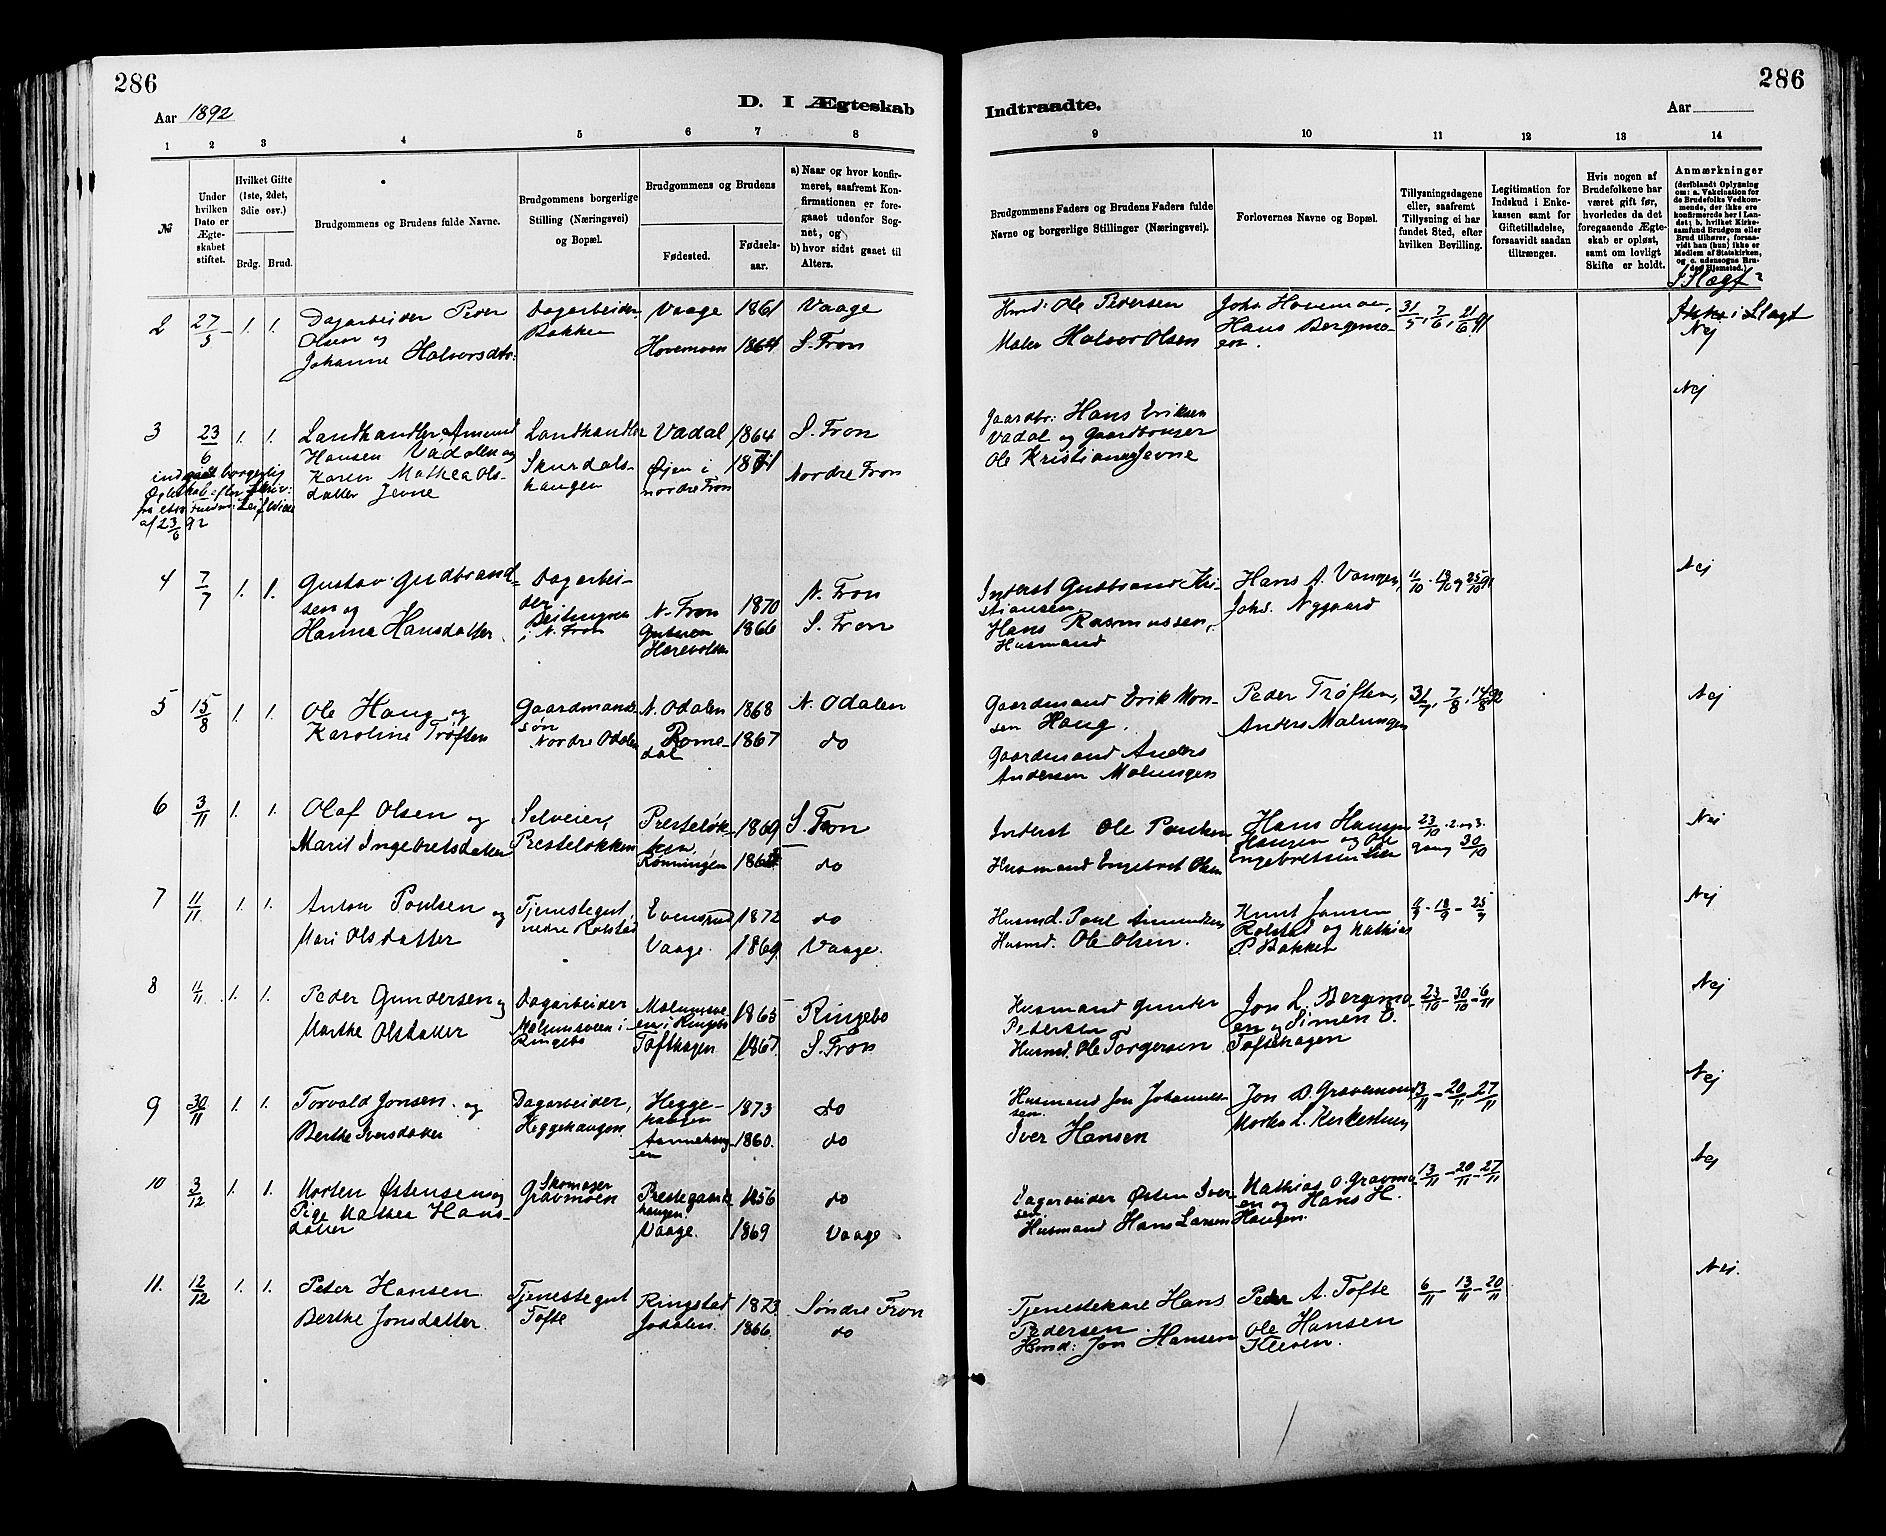 SAH, Sør-Fron prestekontor, H/Ha/Haa/L0003: Ministerialbok nr. 3, 1881-1897, s. 286